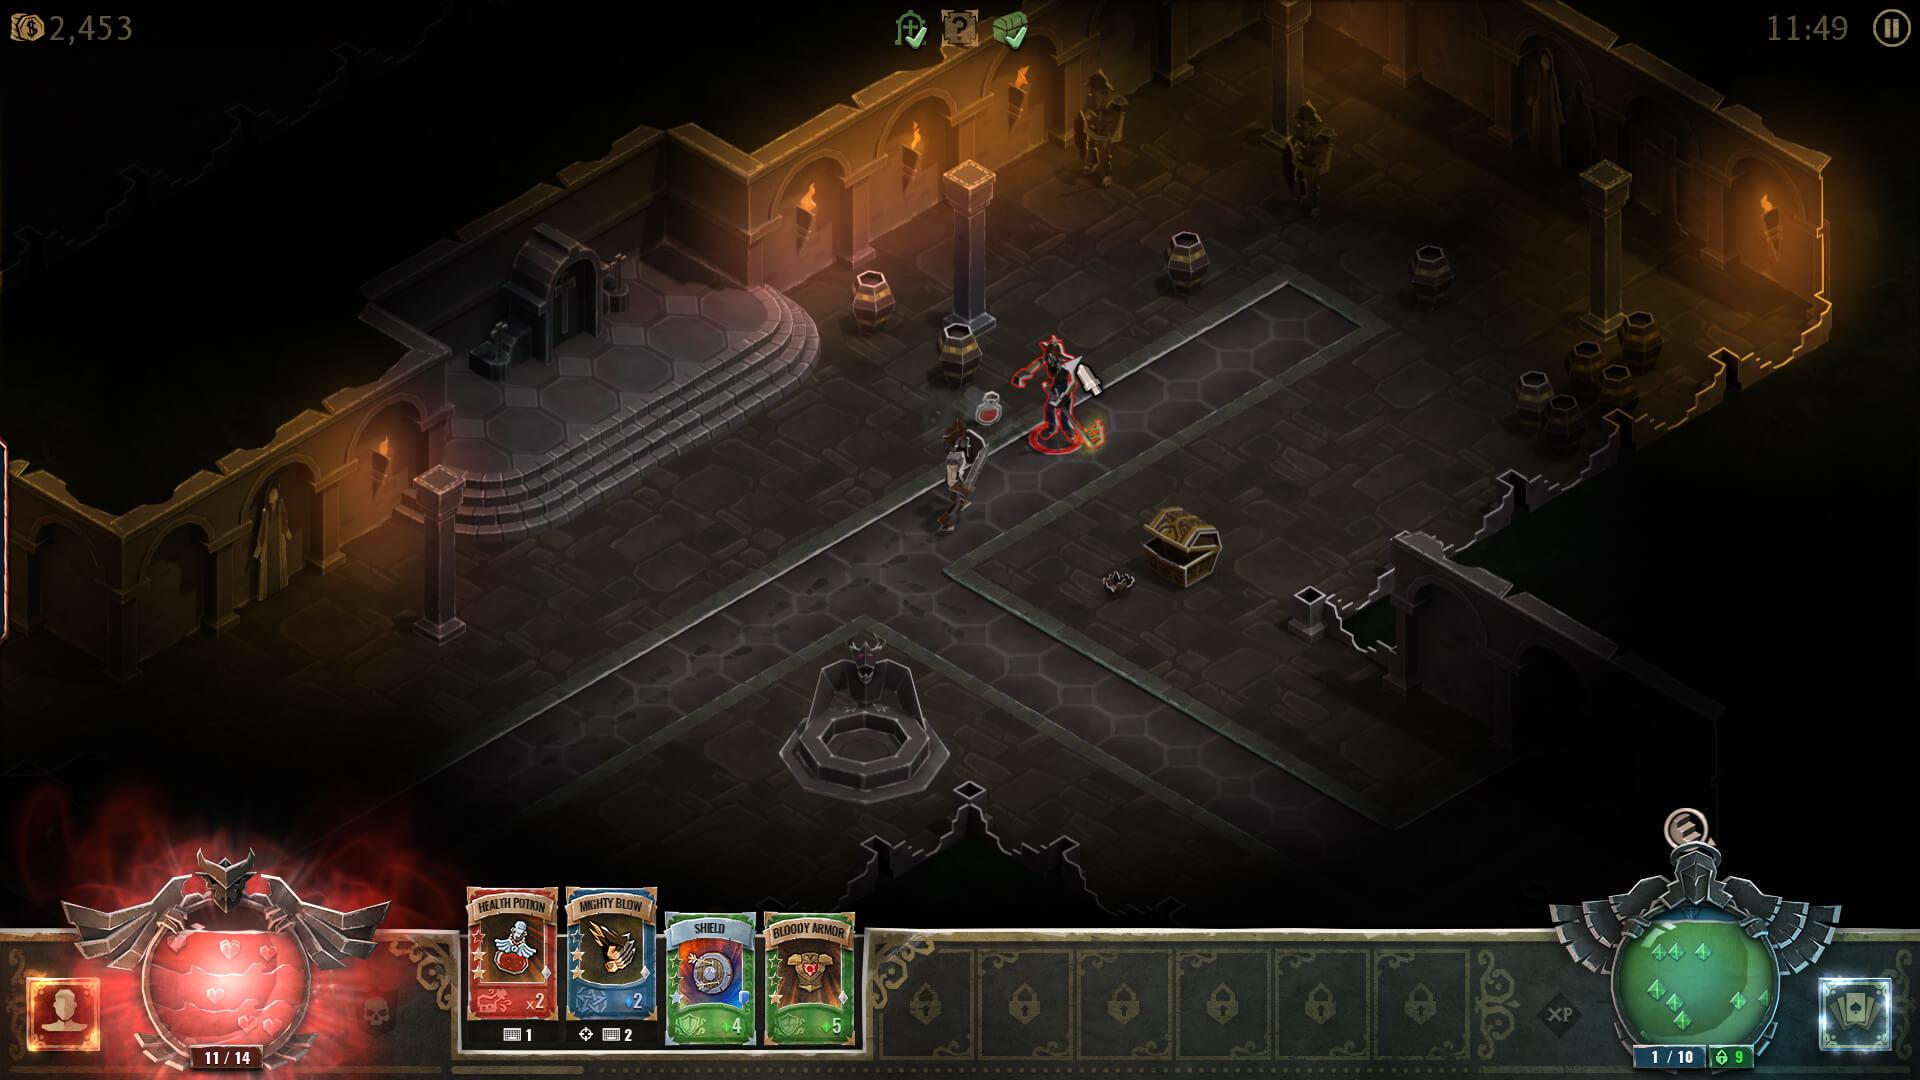 bod_screenshot_01.jpg